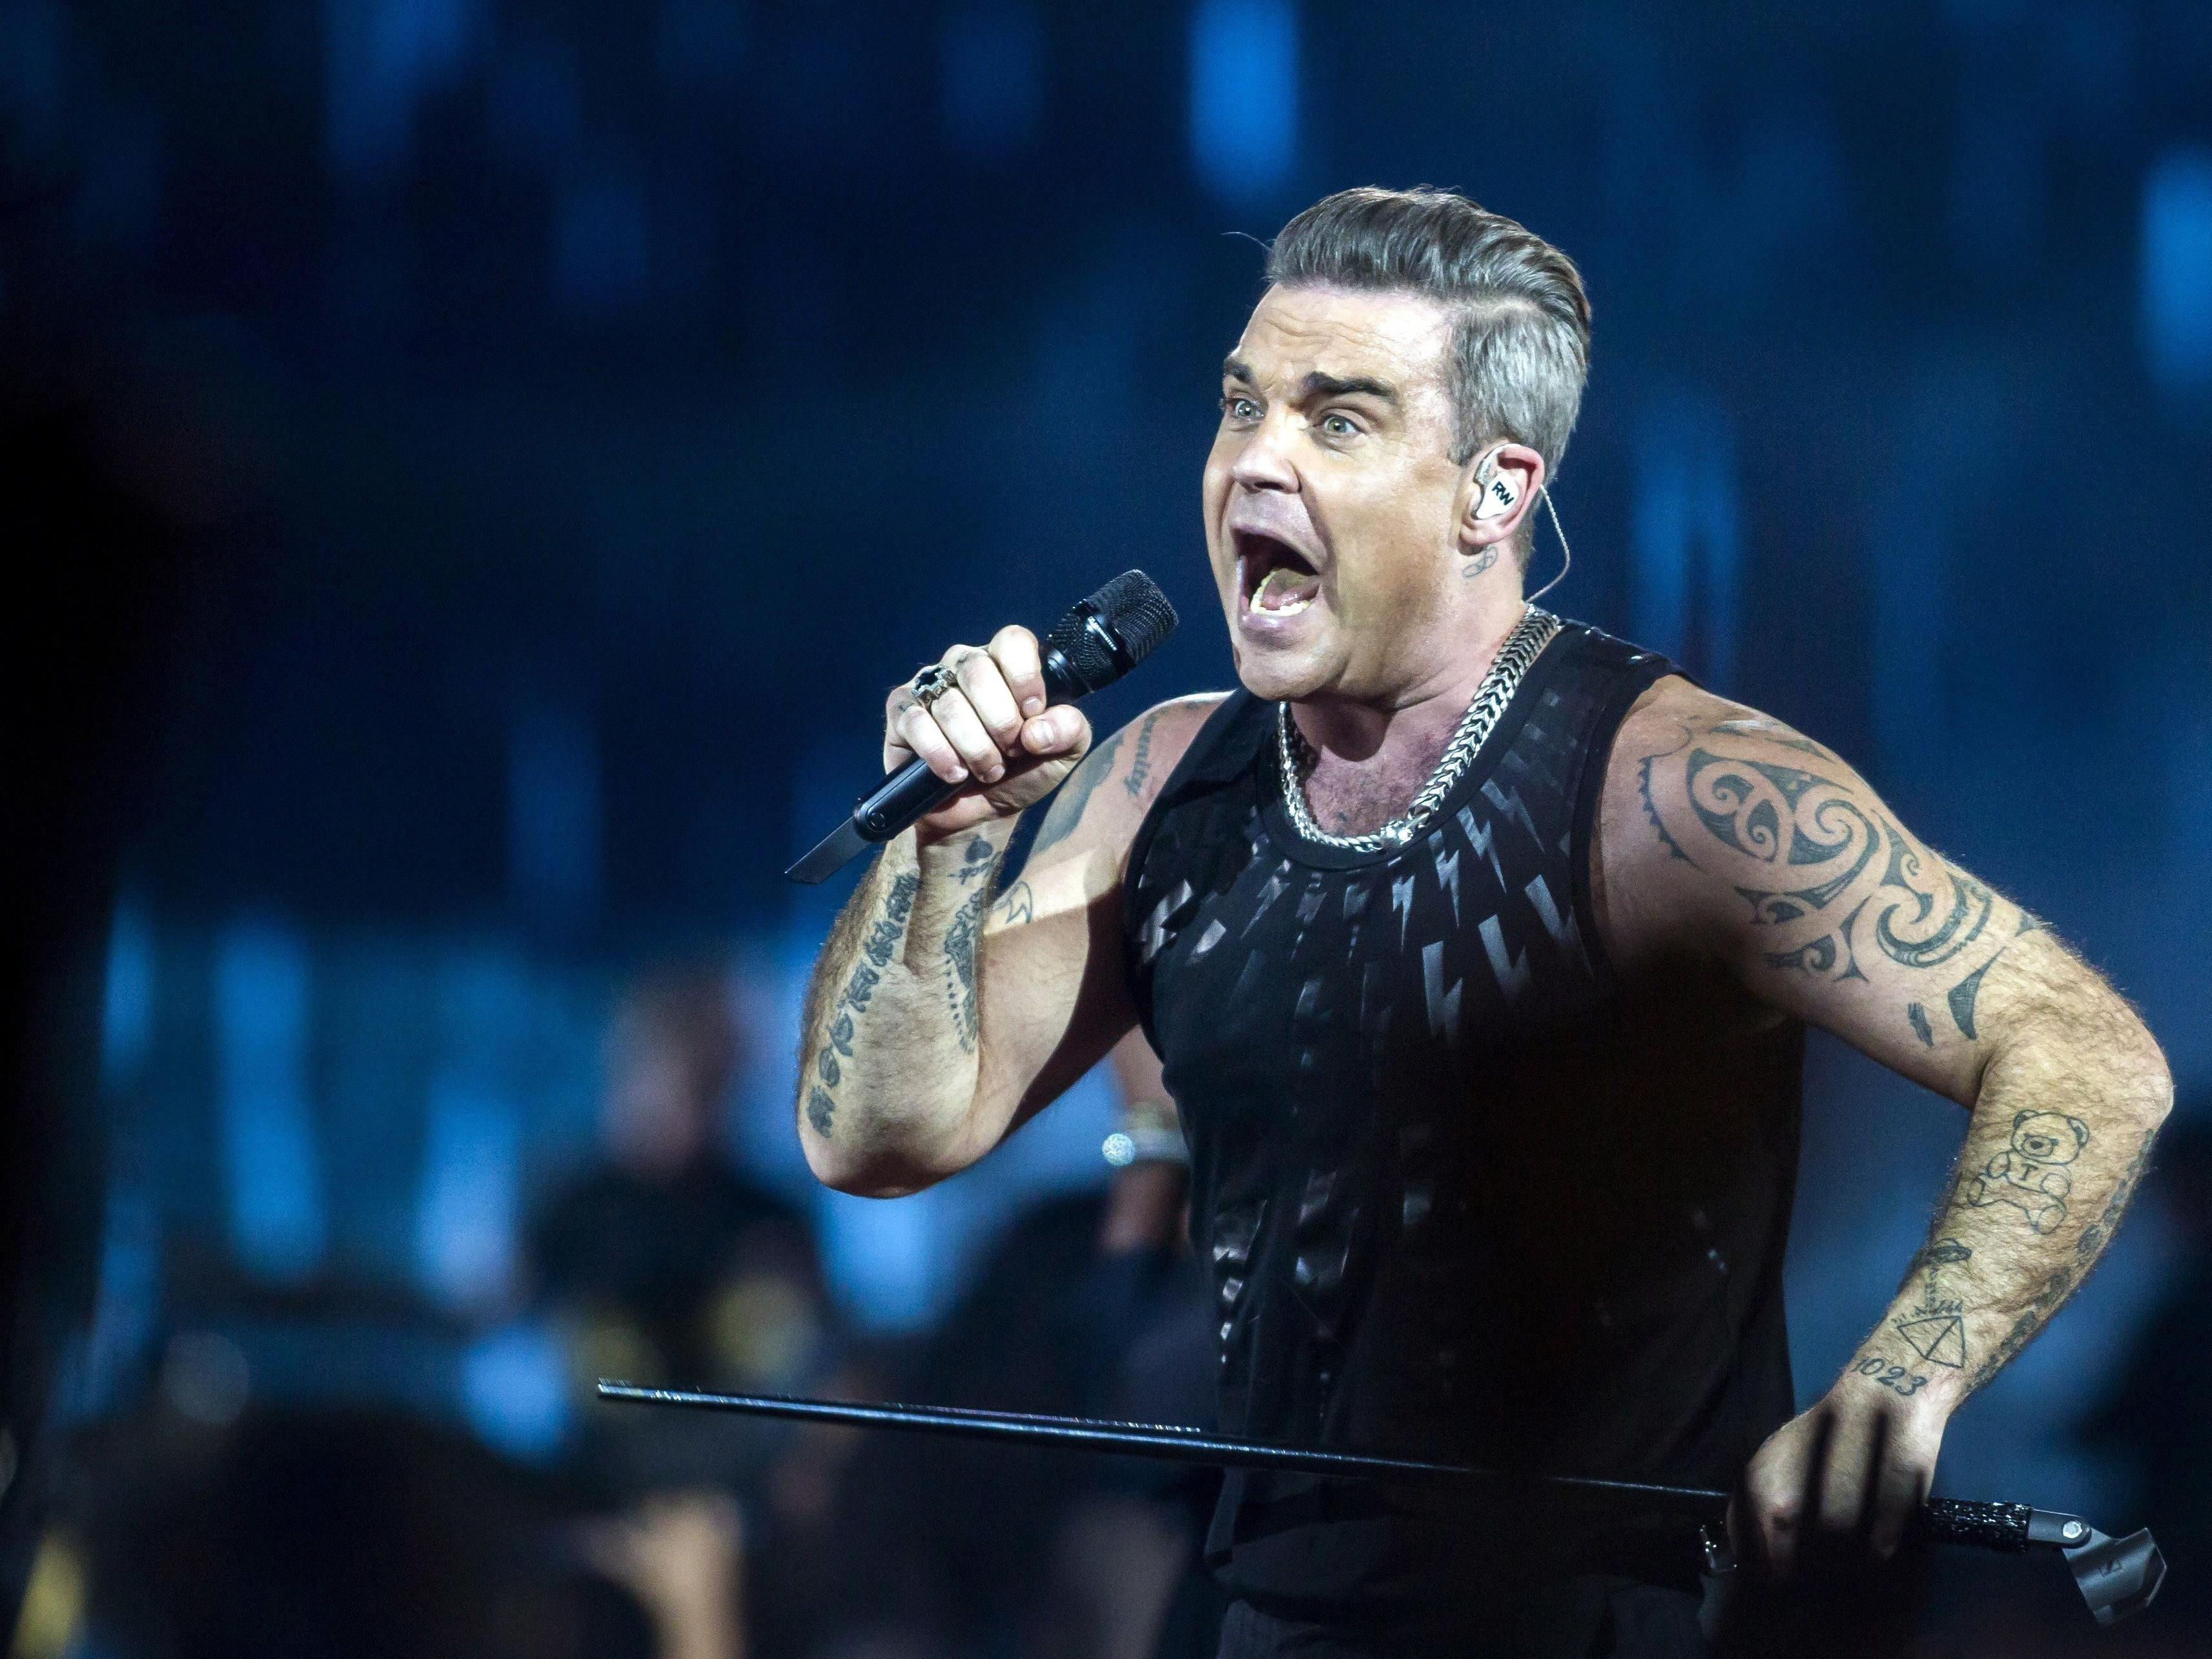 Tipps zur Anreise zum Robbie Williams Konzert im Wiener Ernst Happel Stadion.